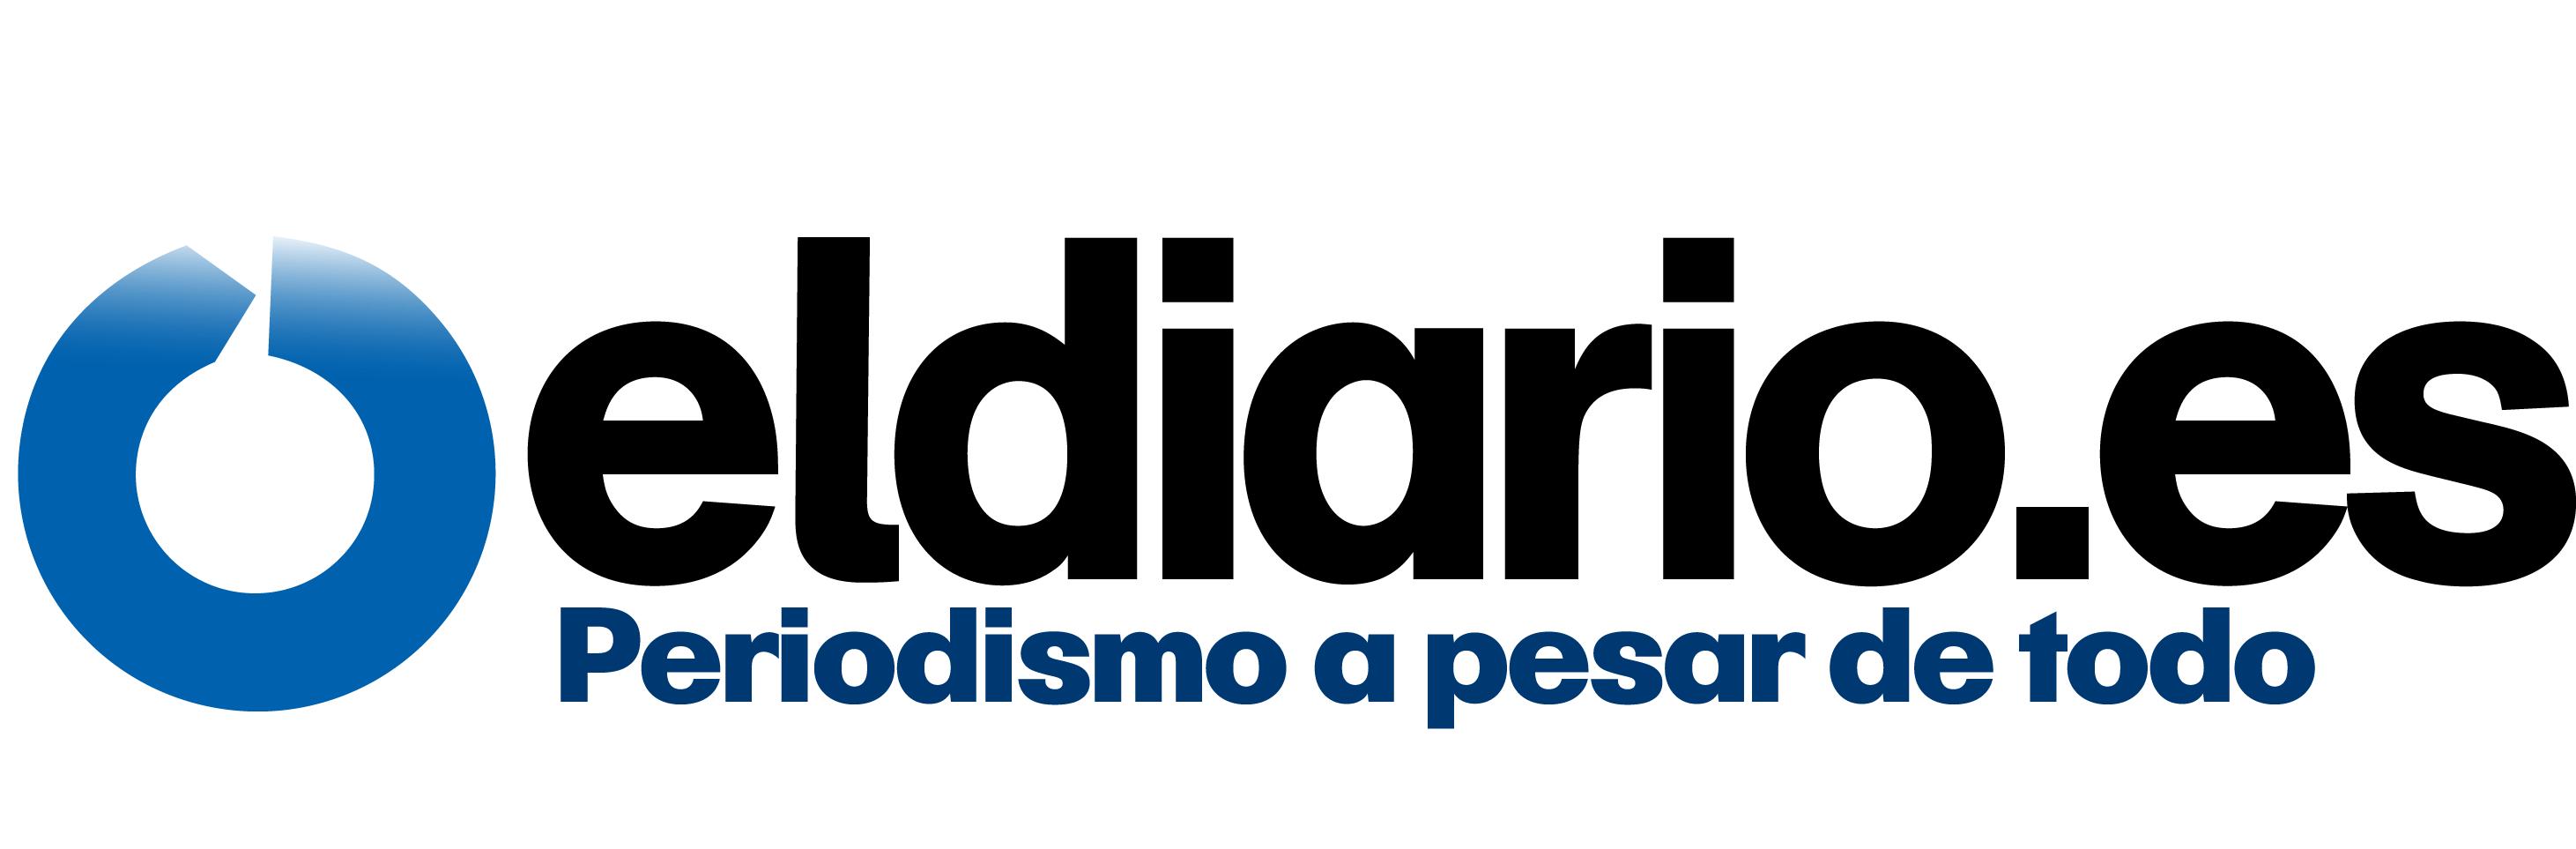 Wave On Media_Medios_Eldiario.es